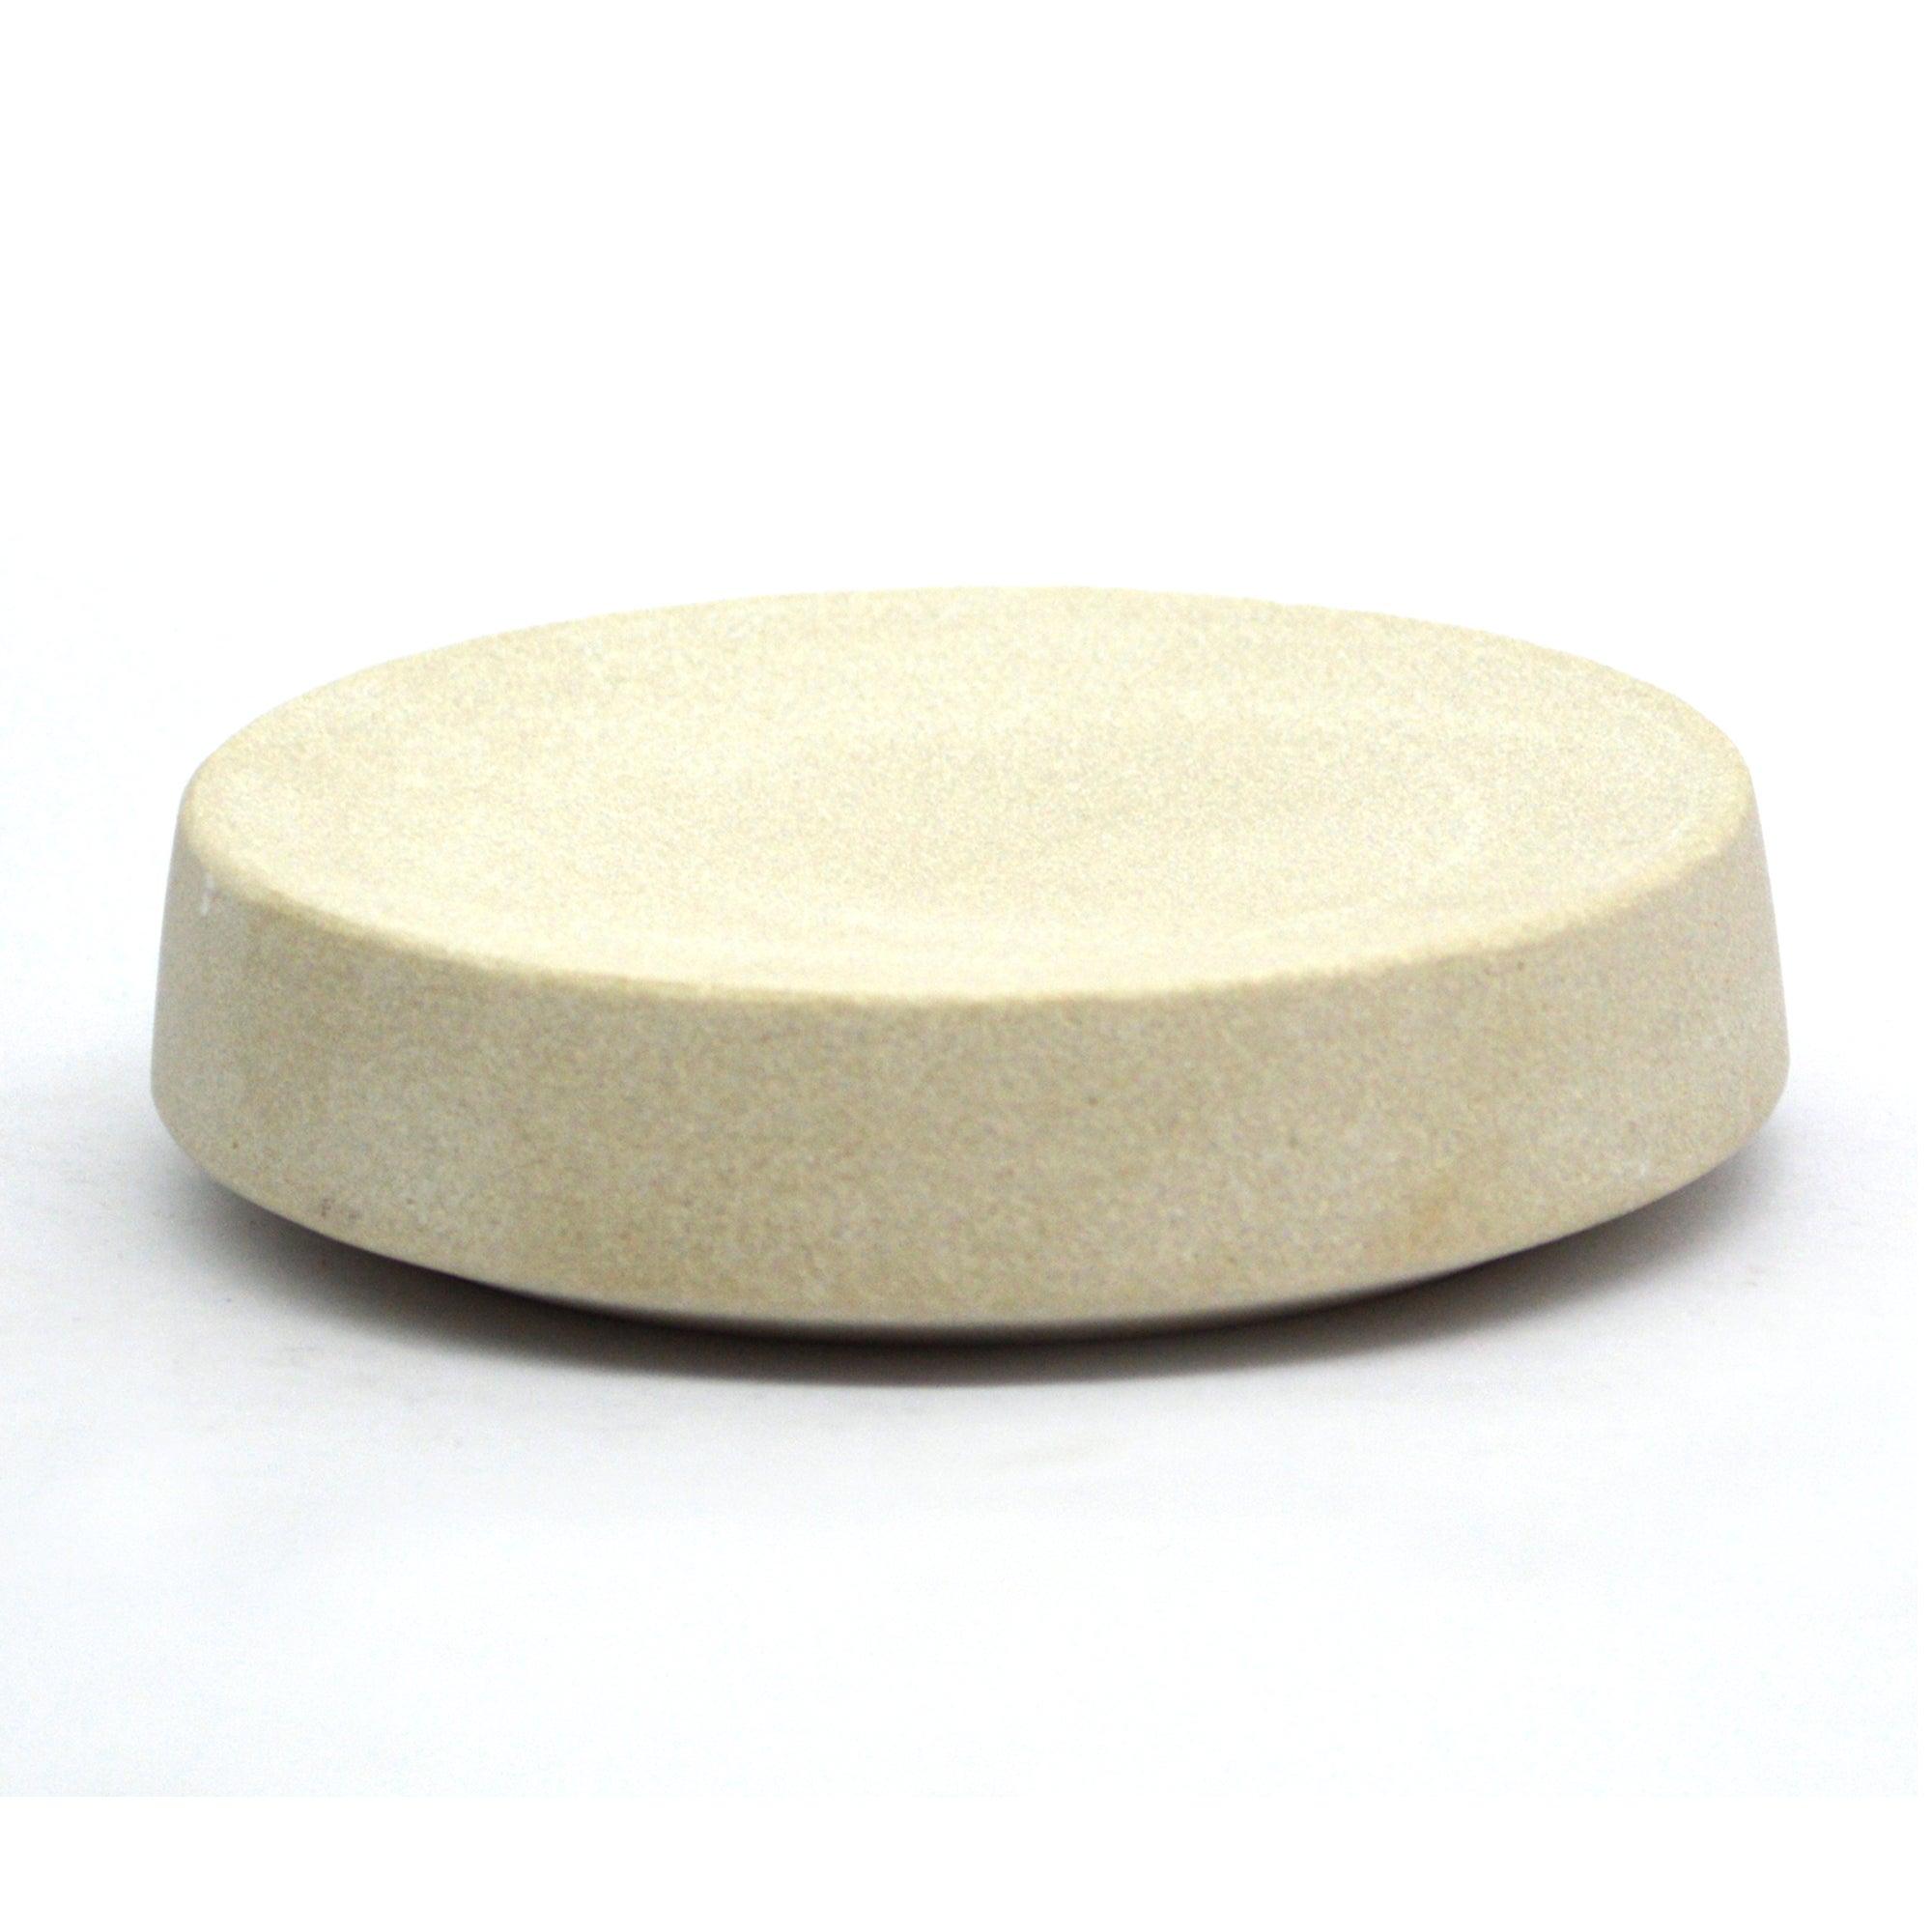 Dorma Belvedere Stone Soap Dish